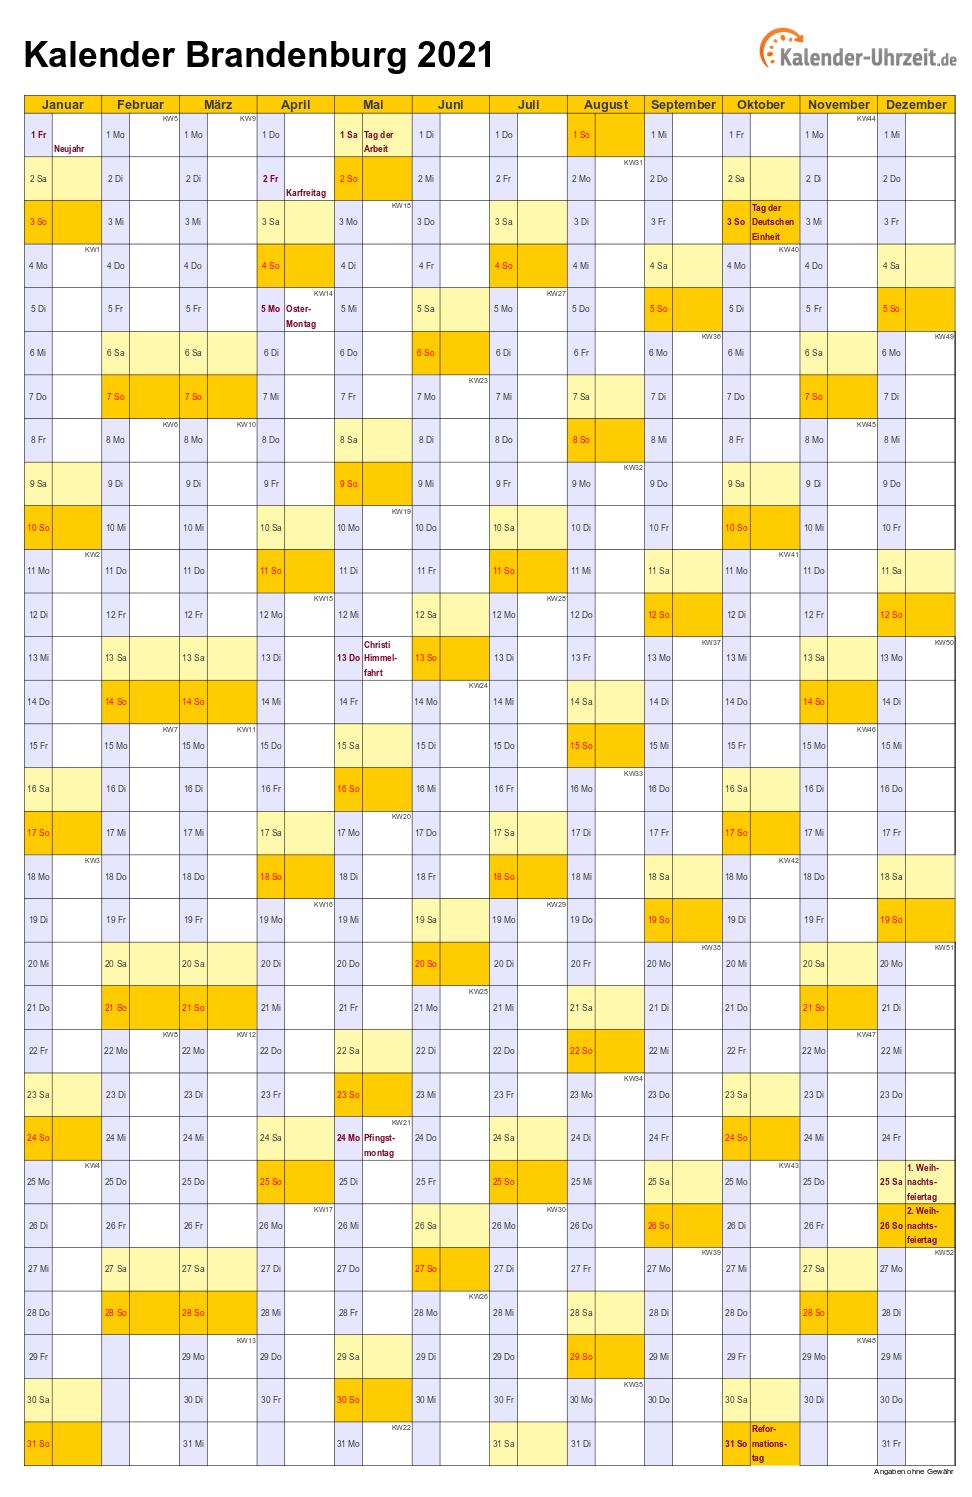 Karfreitag 2021 Kalenderwoche